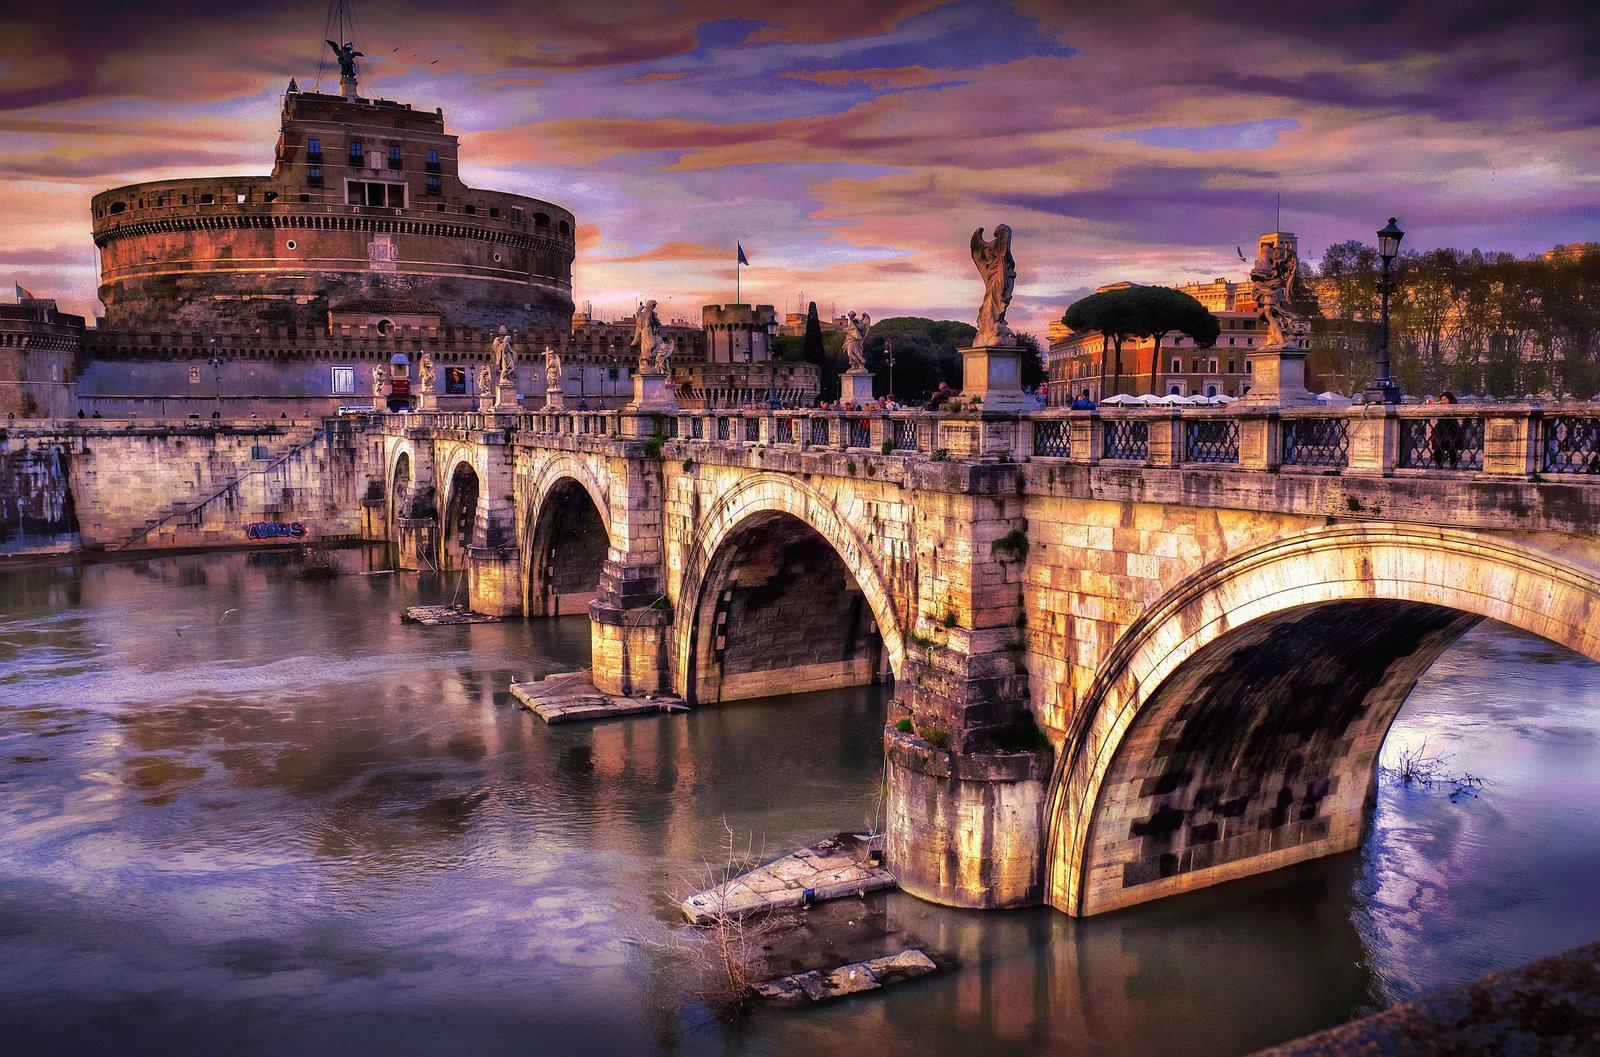 Capodanno Roma 2015 - Castel Sant'Angelo